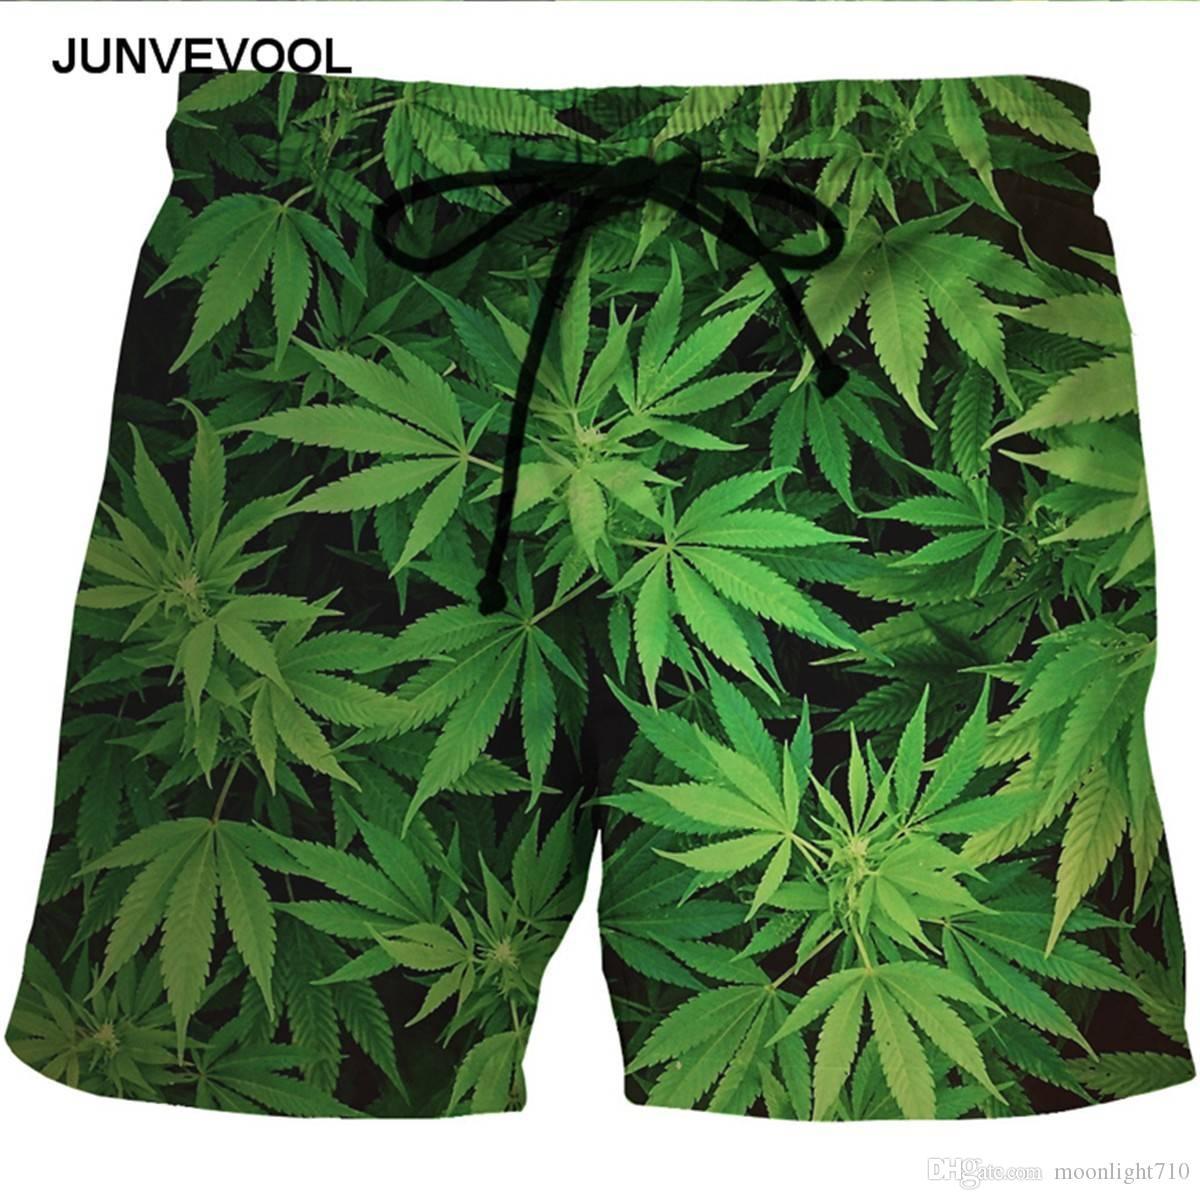 Compre Pantalones Cortos De Verano Para Hombres Playa Del Mar Hojas Verdes  Cortas Trajes De Baño 3D Pantalones Cortos Para Hombres Secado Rápido Con  Red ... 081839de80d9